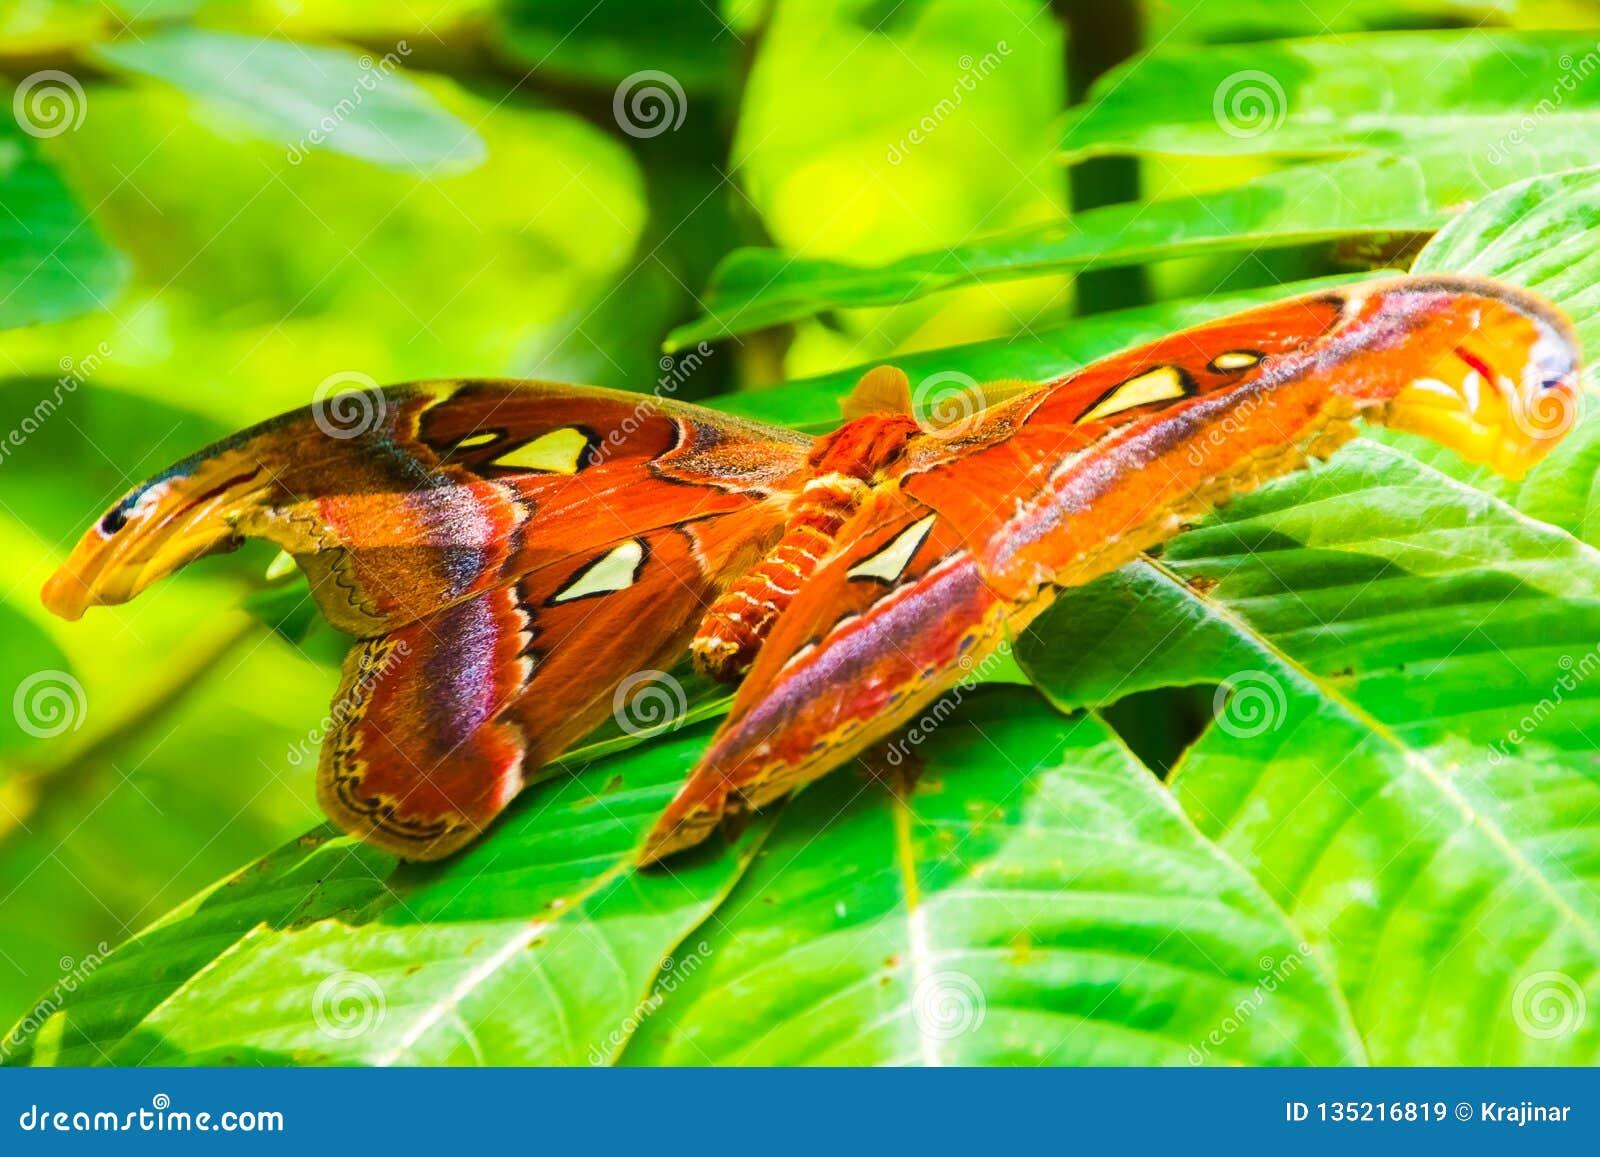 De reuzemot van de Atlasvlinder, Attacus-atlas